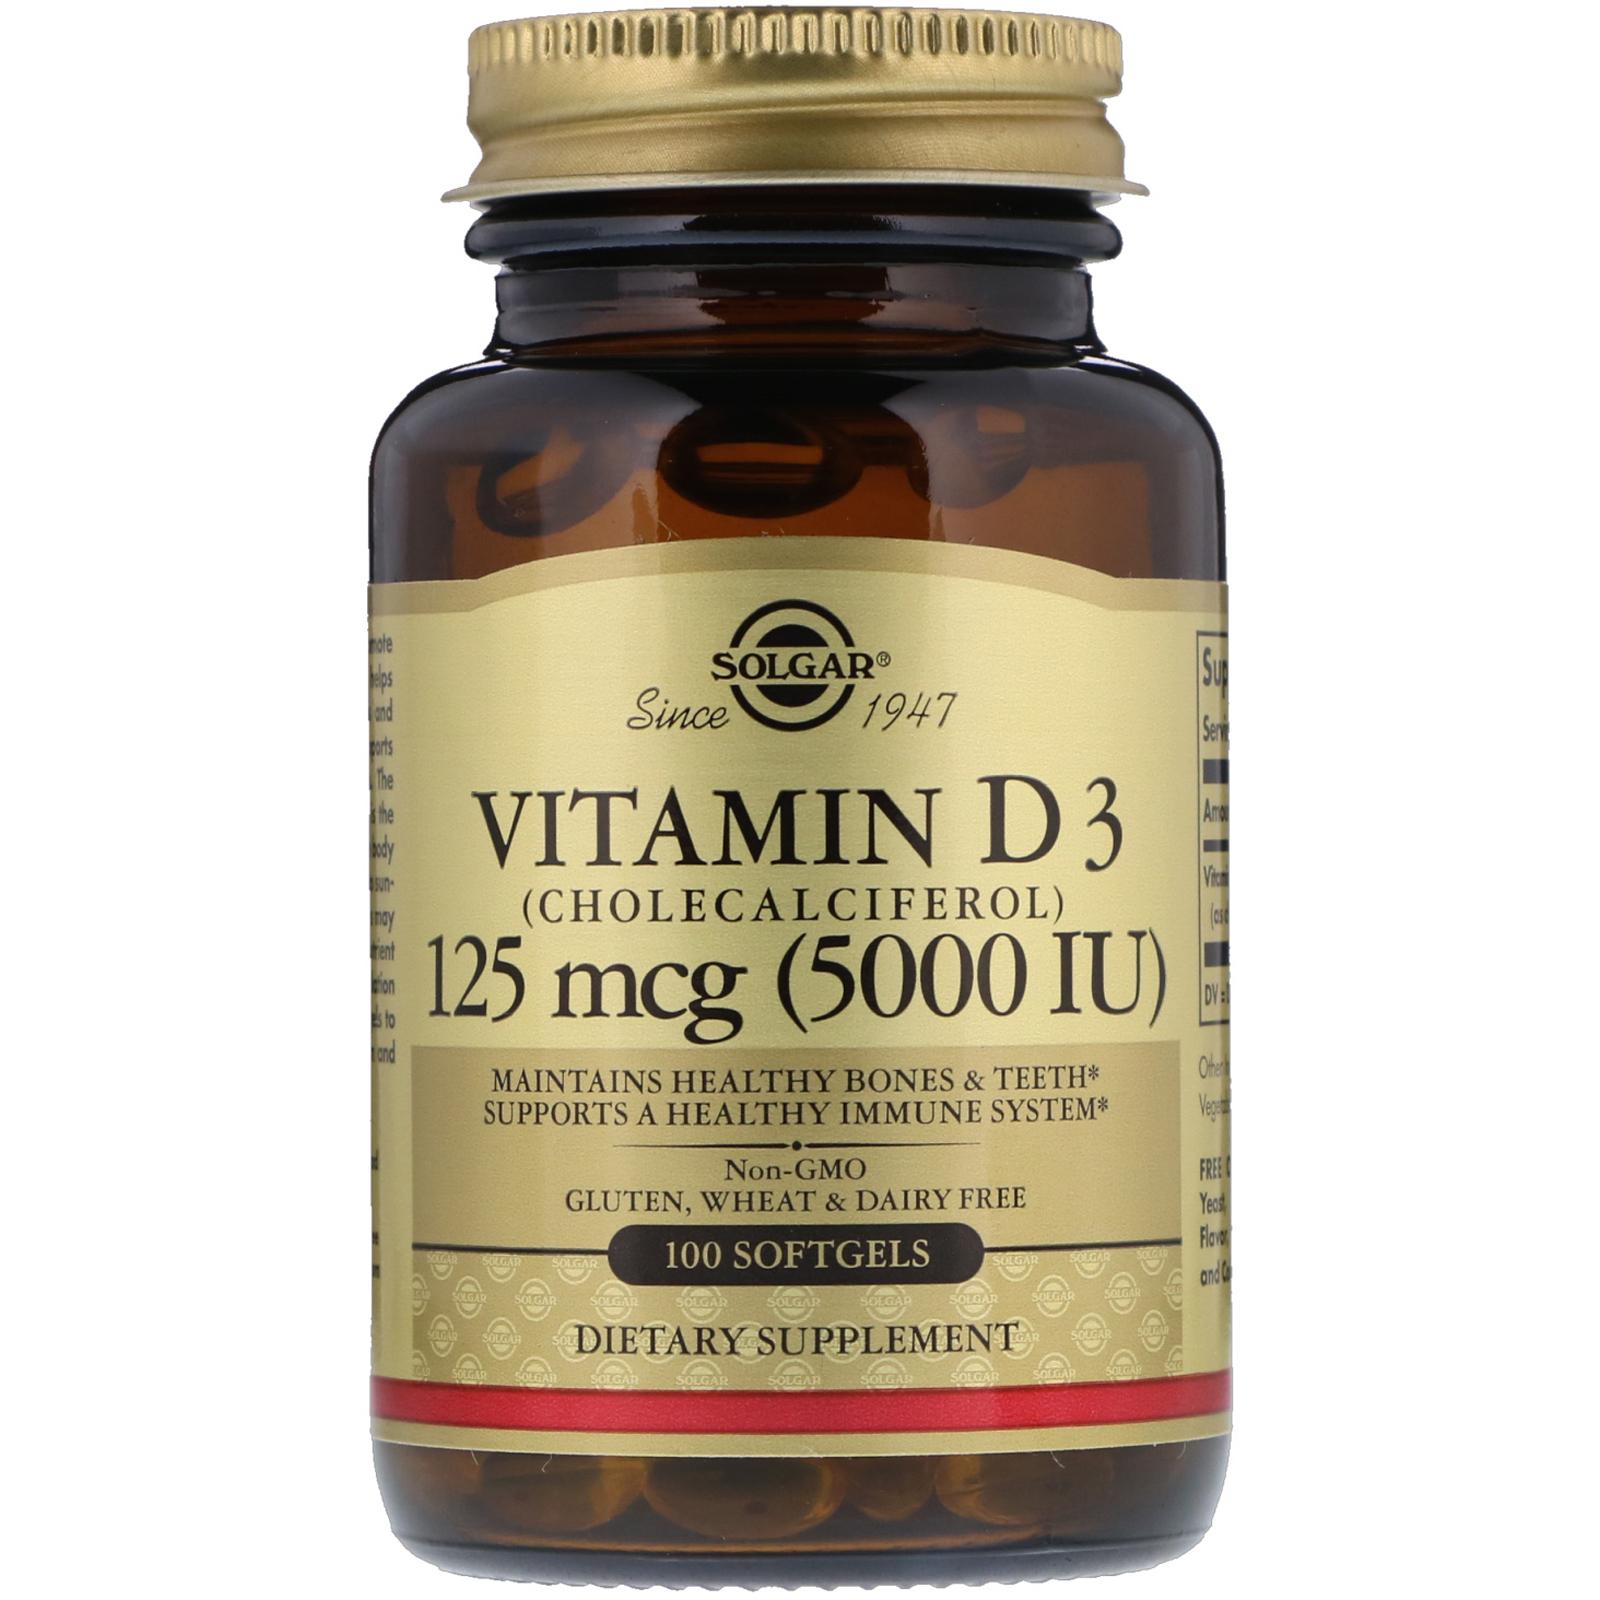 Витамин д3 для чего нужен, в чём содержится, как принимать